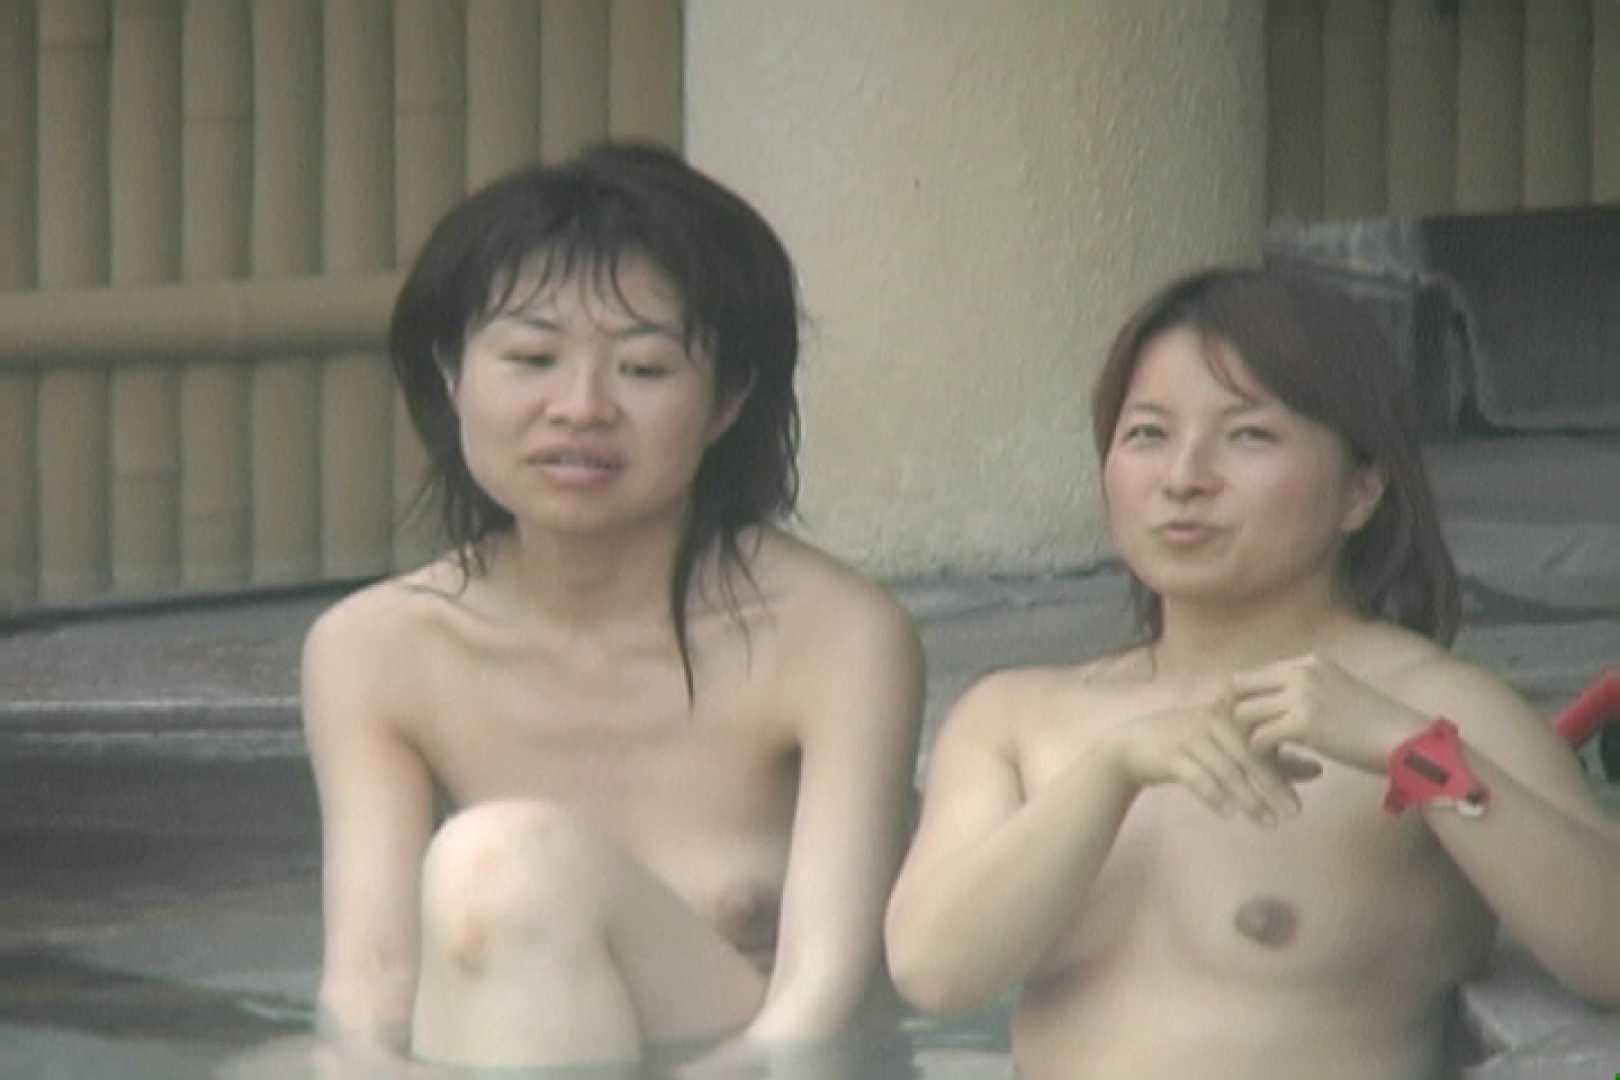 高画質露天女風呂観察 vol.012 女風呂 盗撮画像 93PIX 53